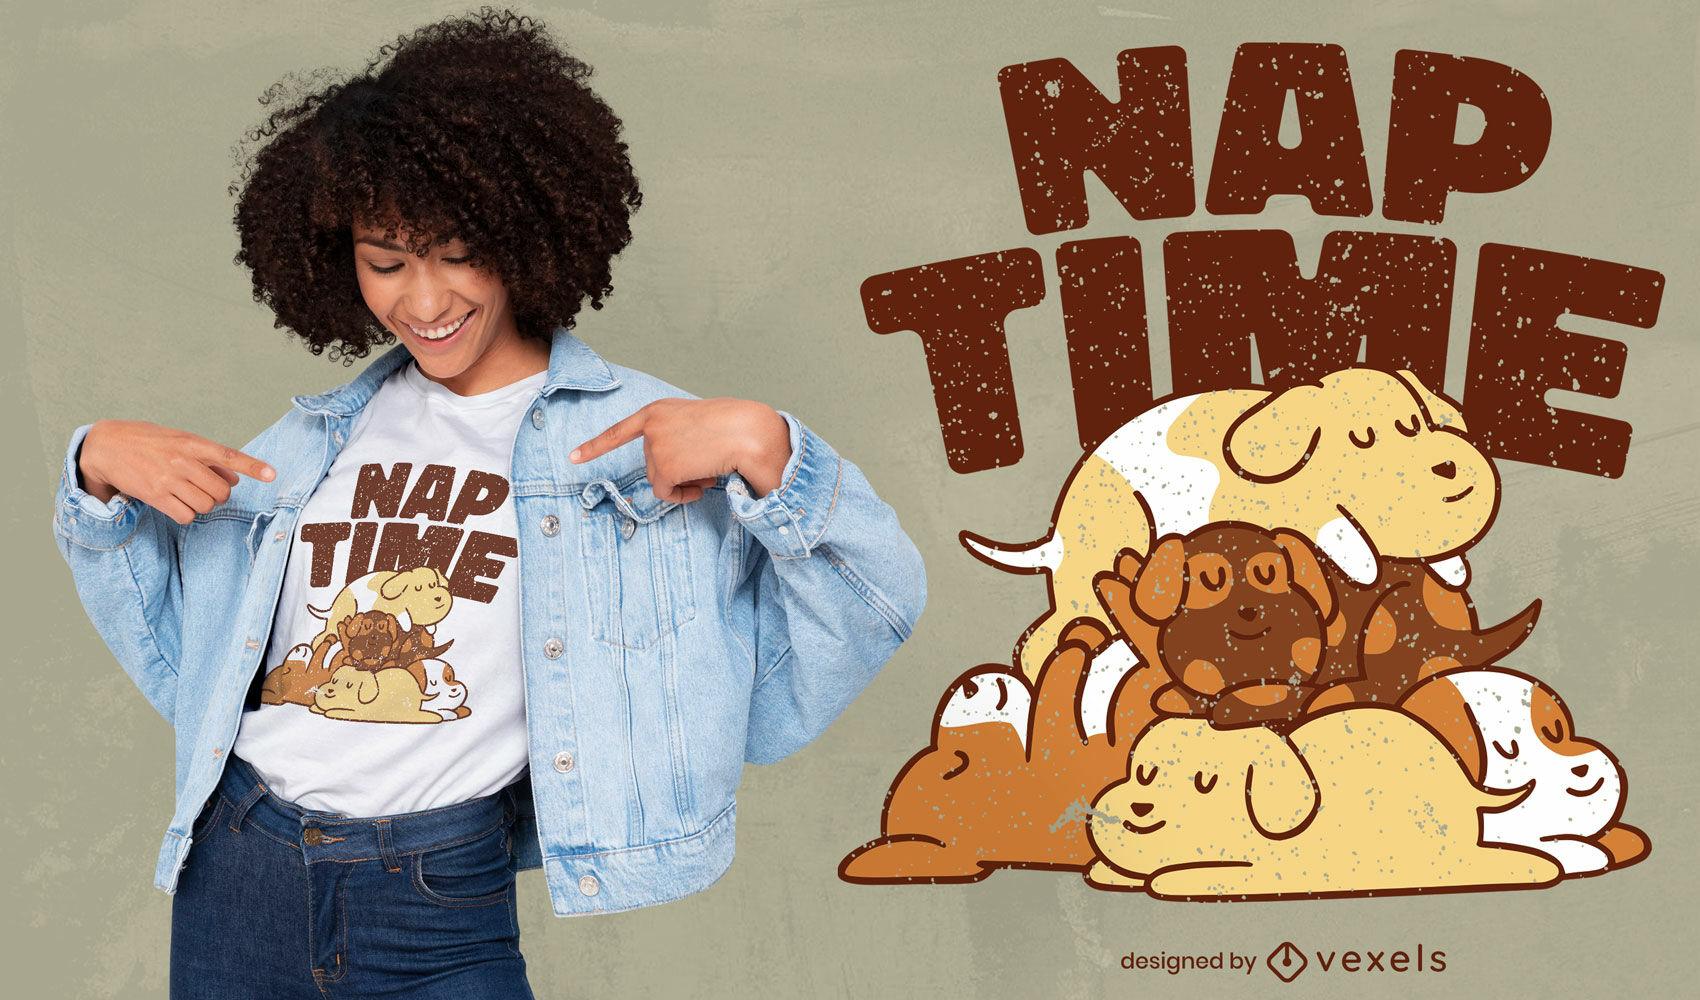 Nickerchen Hunde Cartoon T-Shirt Design